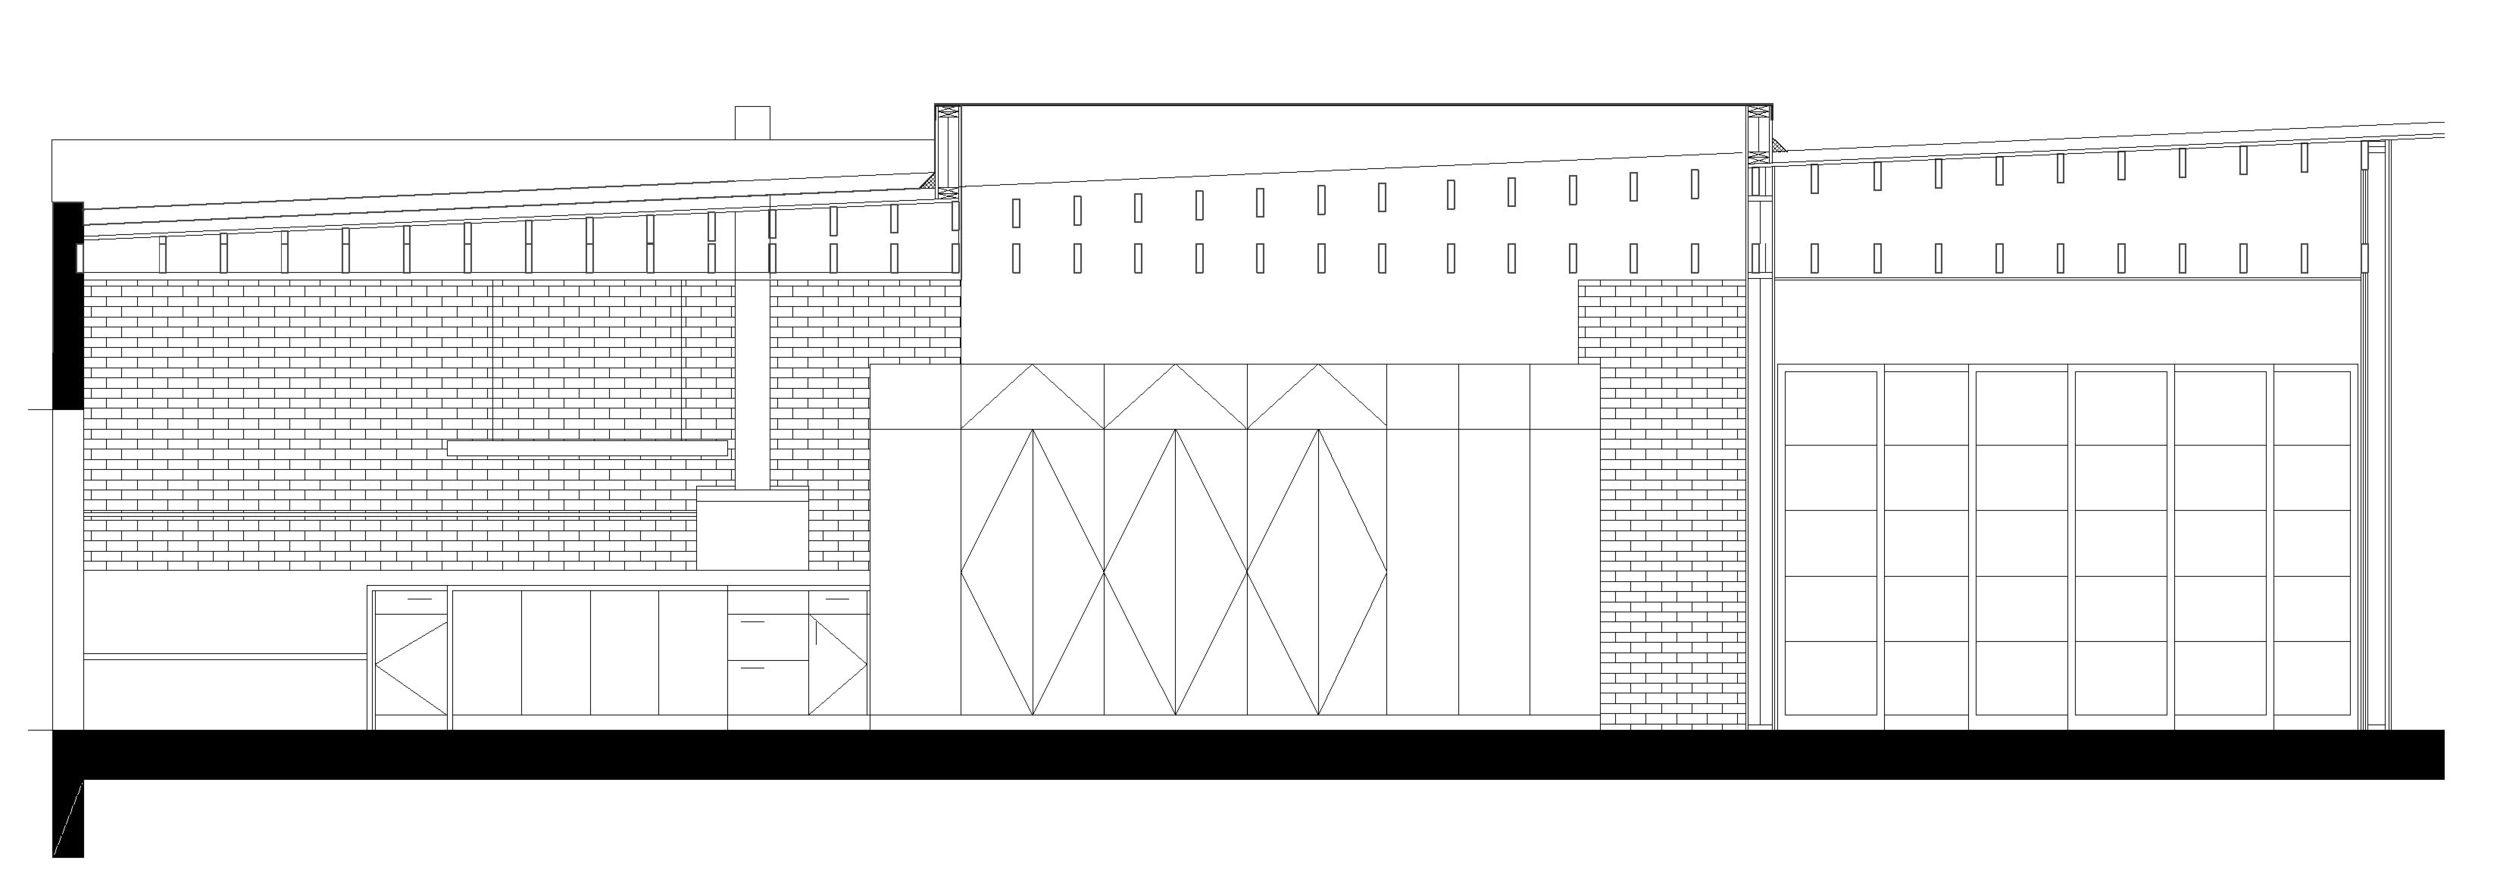 Section Through Unit 5